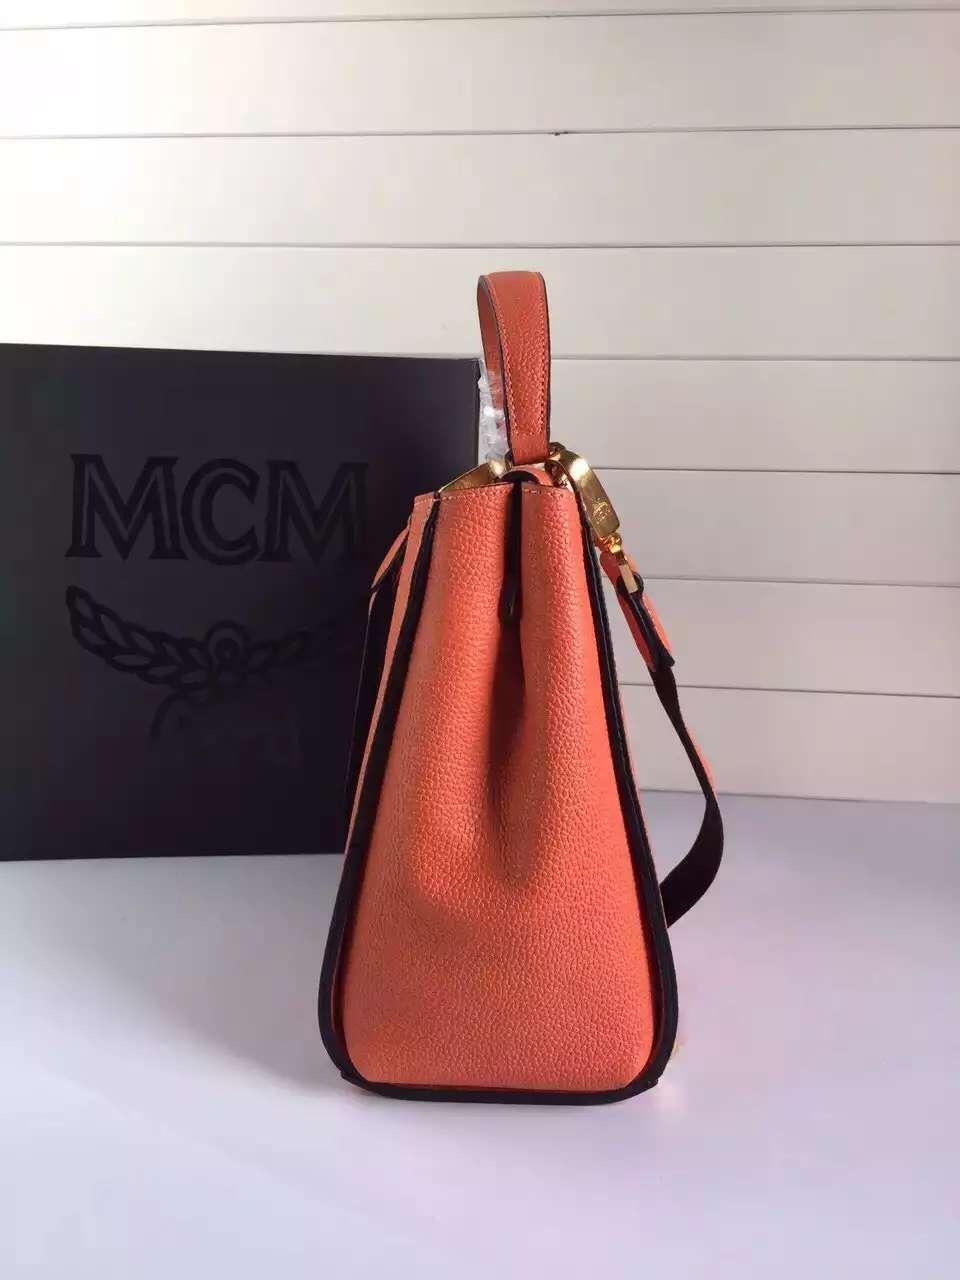 MCM原单 旗舰店特供 韩国进口粒面牛皮 里布纯棉质地 橙色